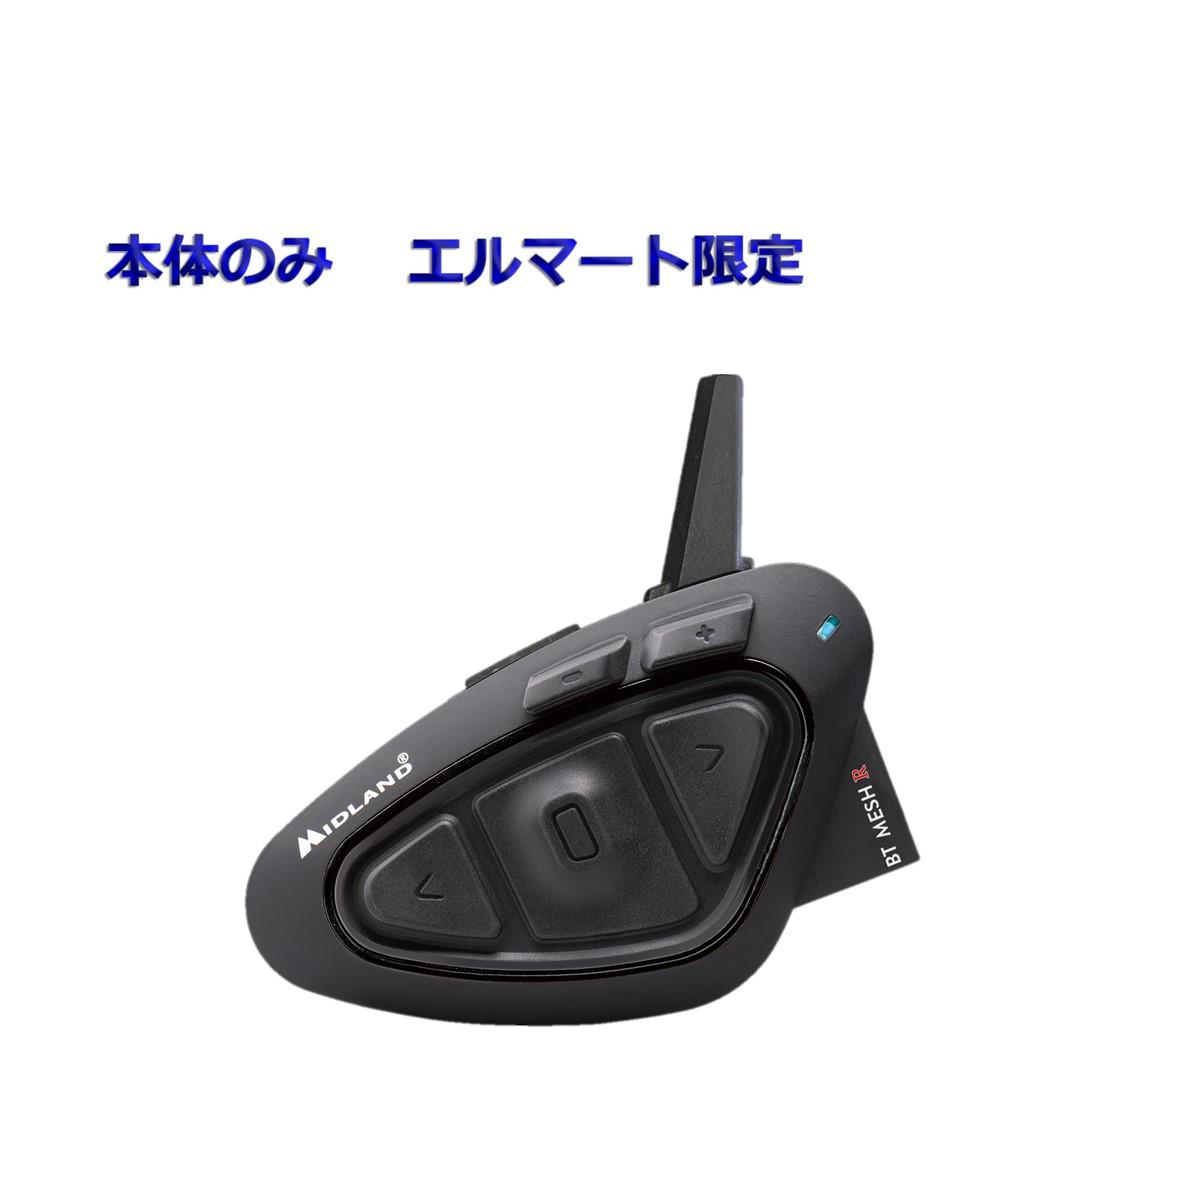 BT MESH R R74006 「本体のみ」「エルマート限定」